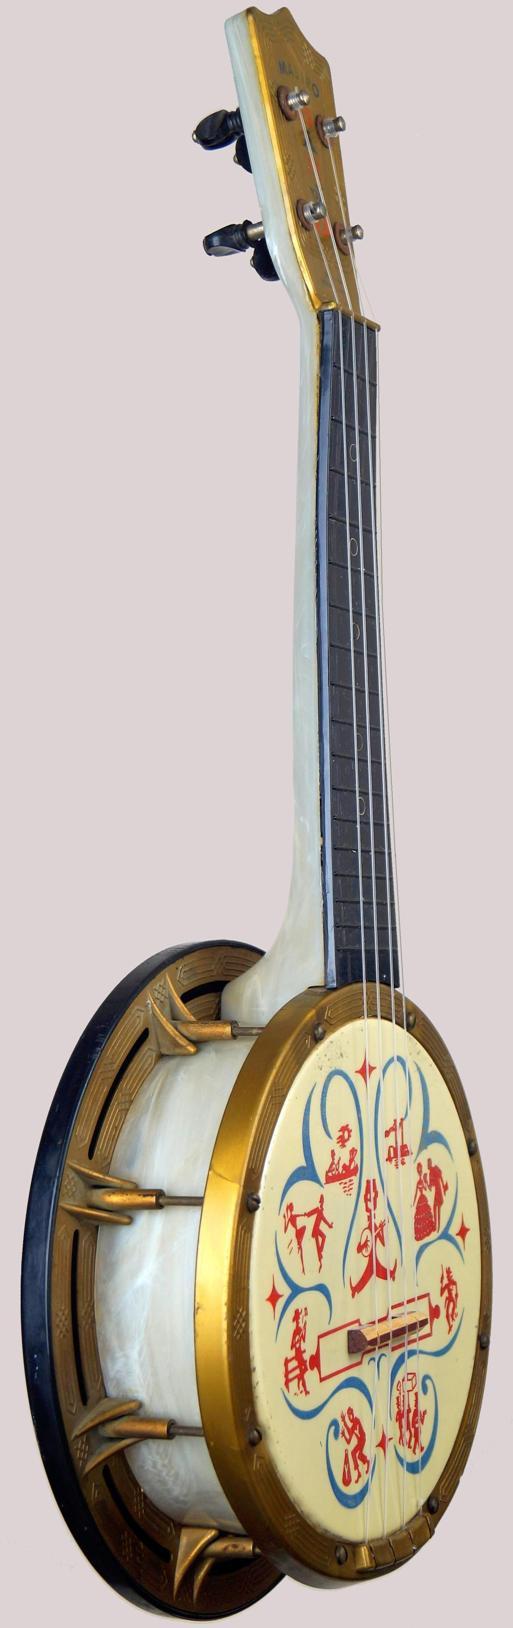 Maccaferri Mastro Plastic Banjo black Americana